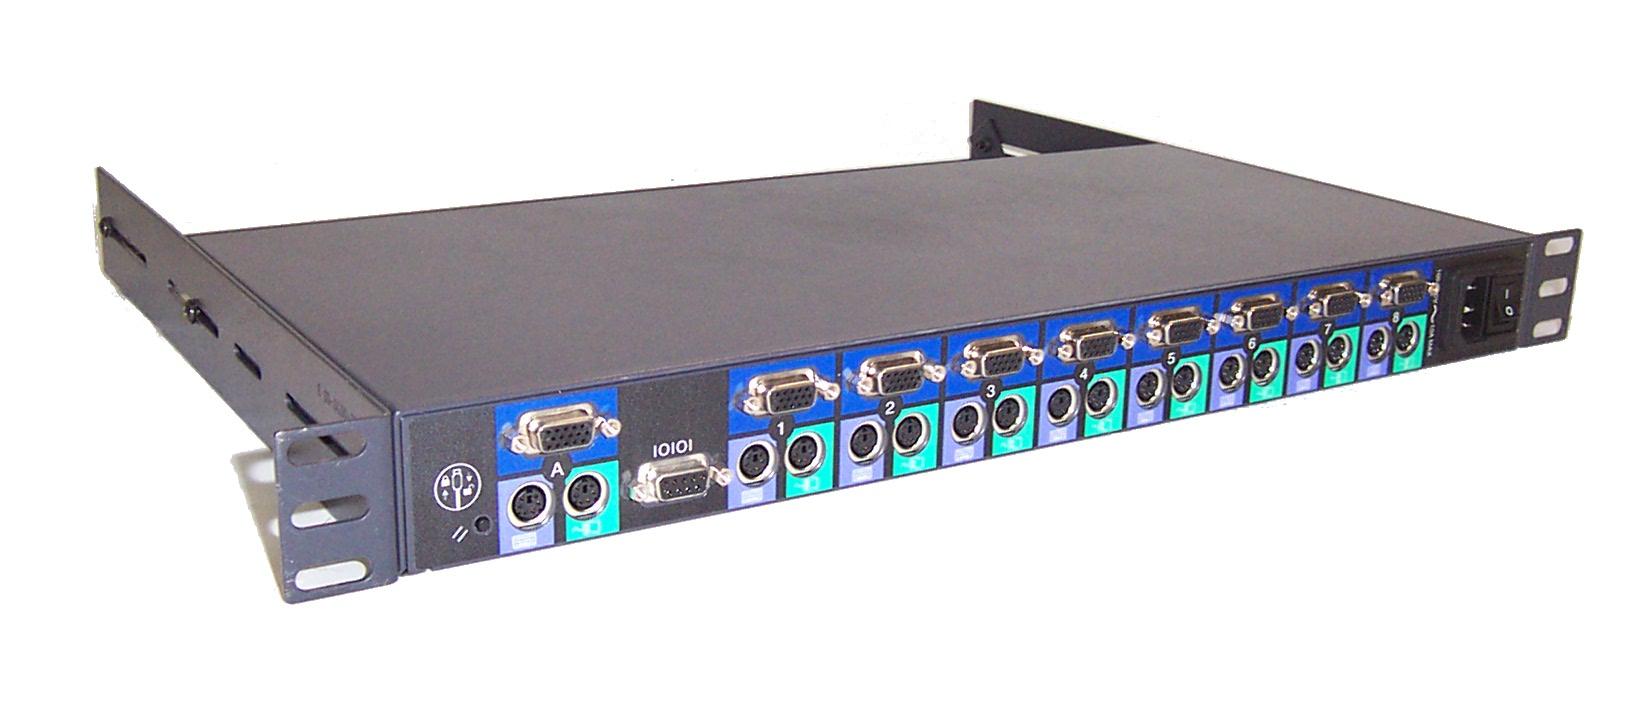 Dell 71pxp kvm switch manual